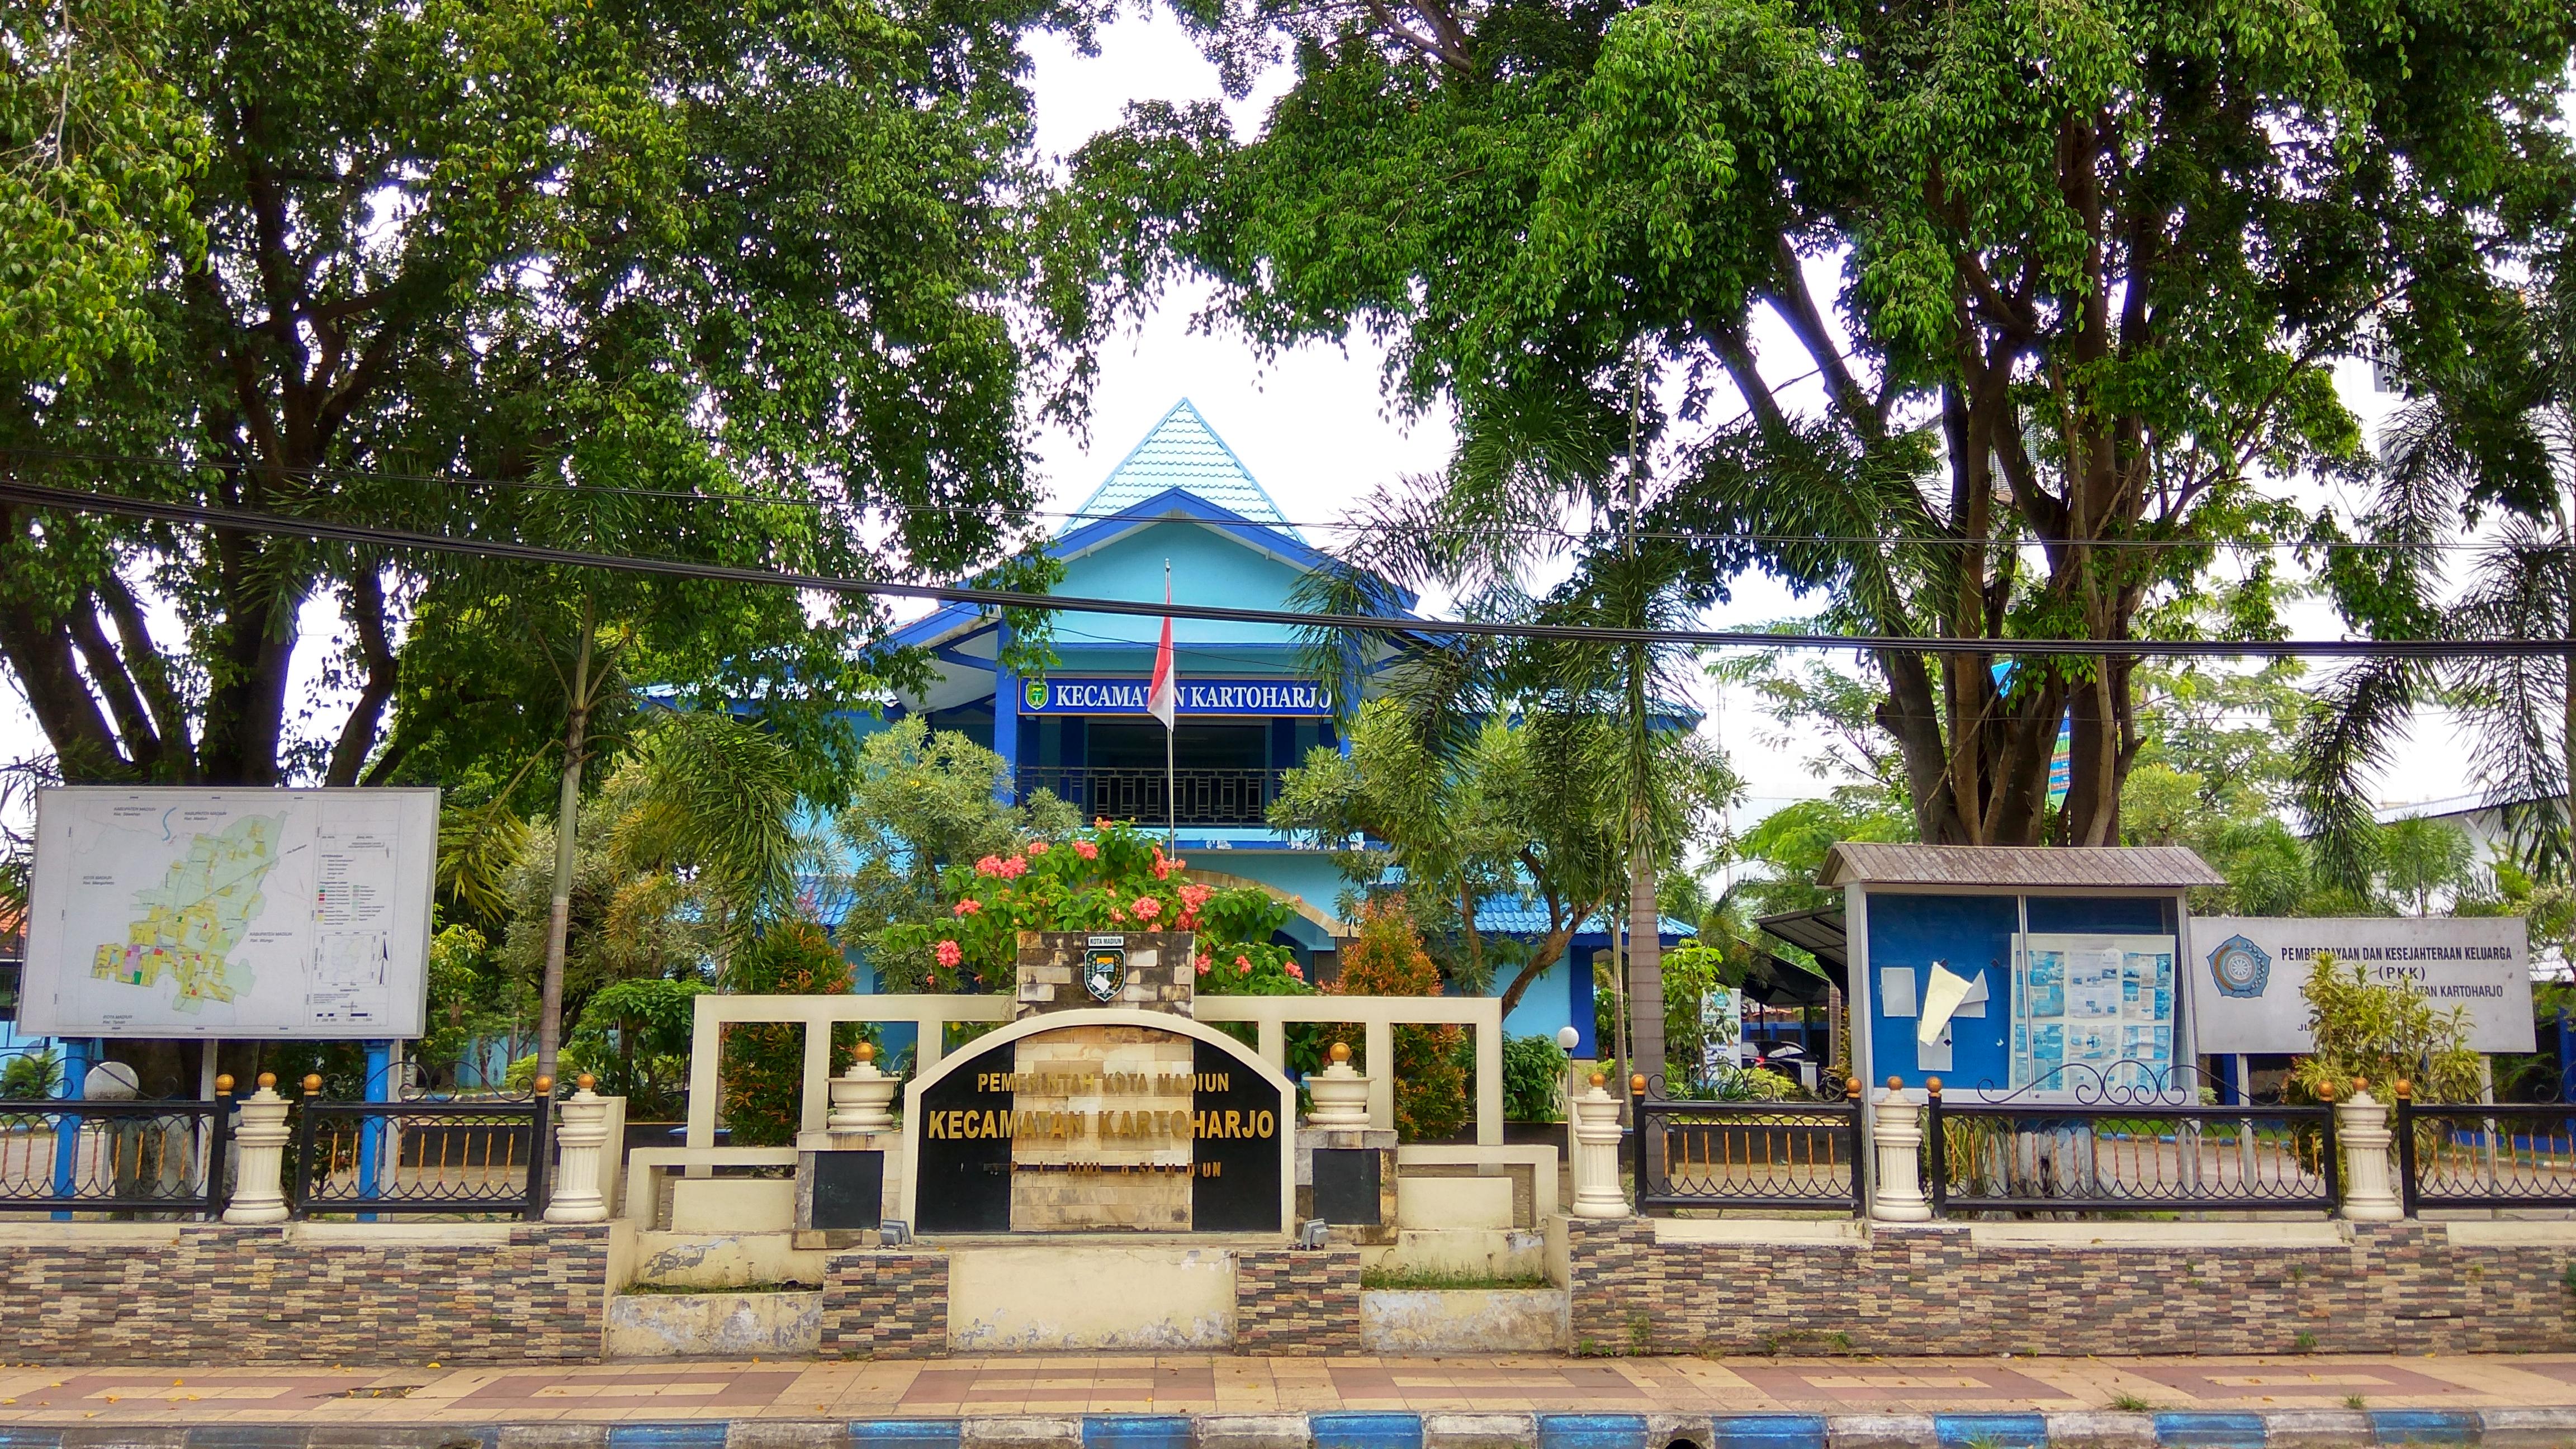 Profil Kecamatan Kartoharjo Kota Madiun